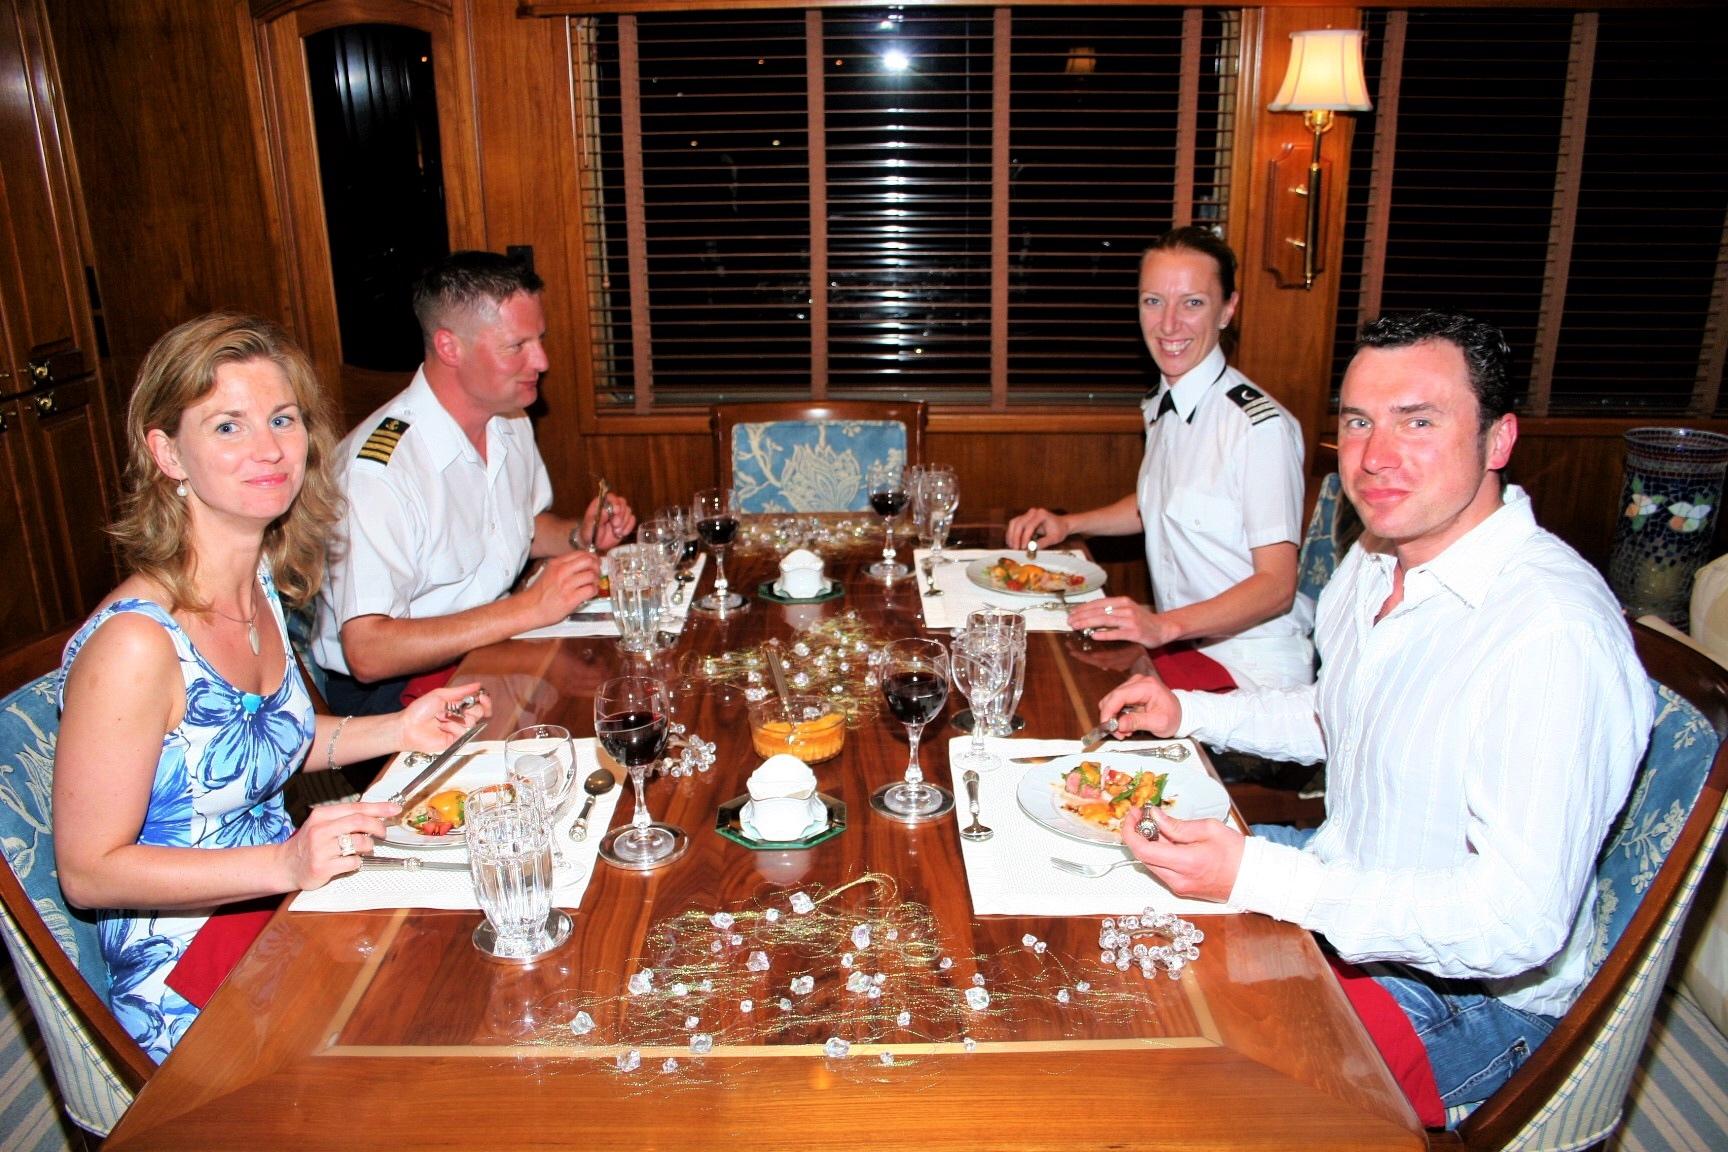 Gemeinsames Captainsdinner im gemütlichen Salonrestaurant Yachtkombüse